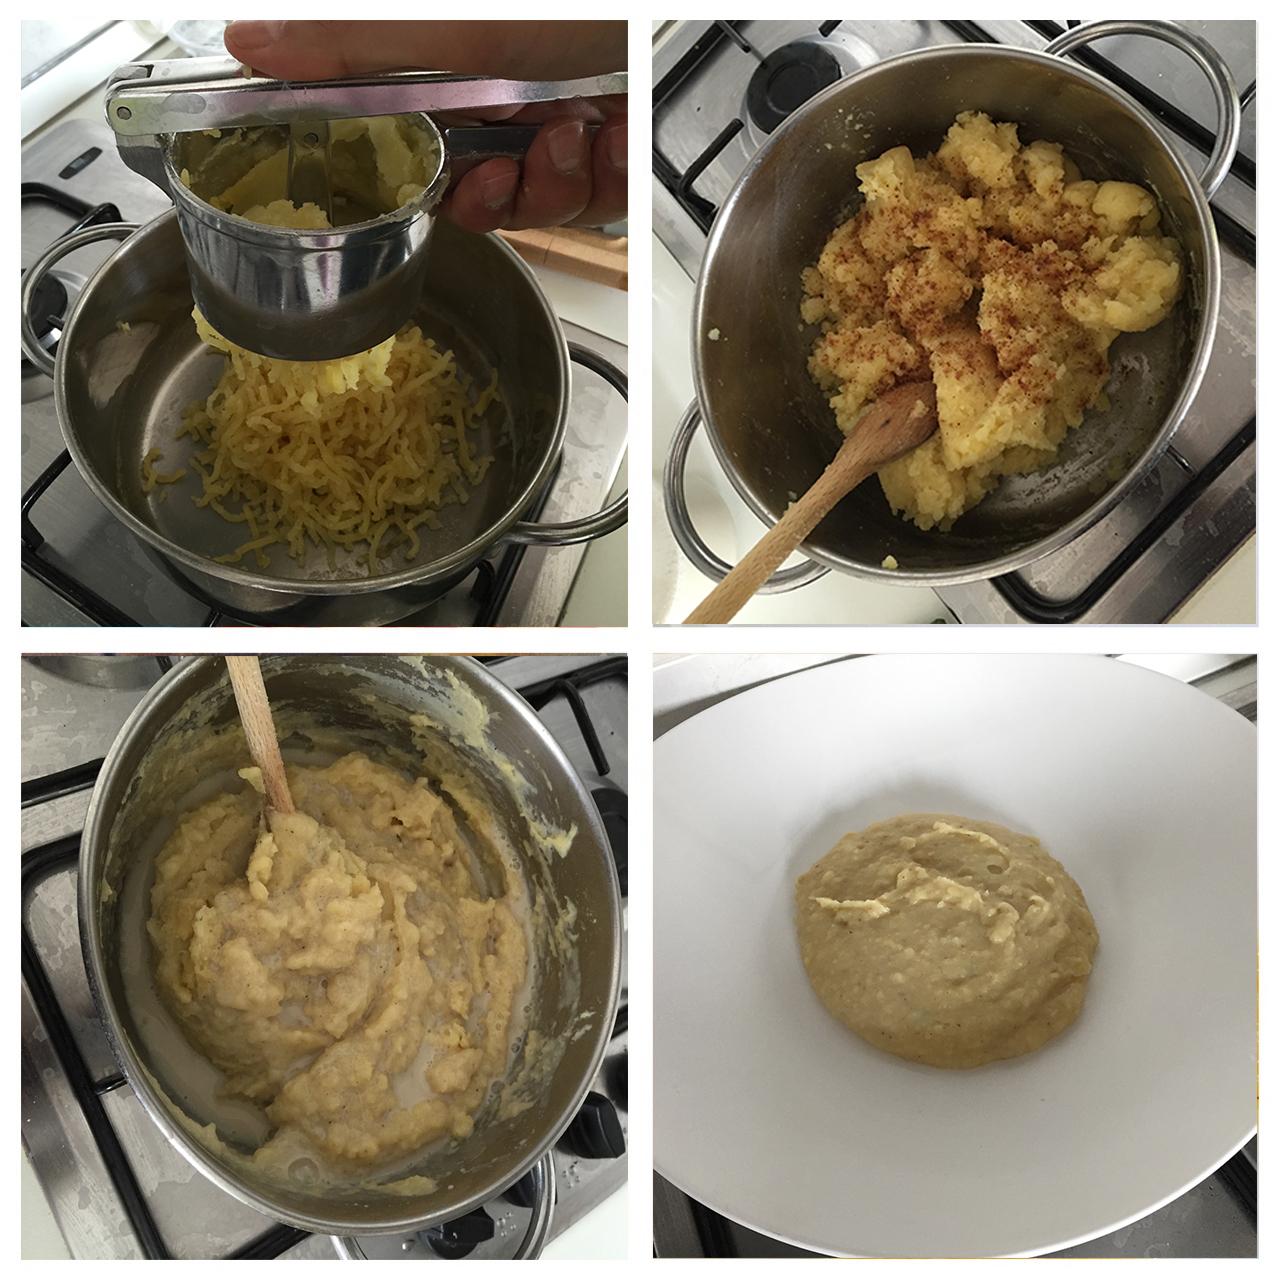 Il pasto in cucina carr d 39 agnello alla birra su pur di patate cipolline caramellate e castagne - Tutto cucine carre ...